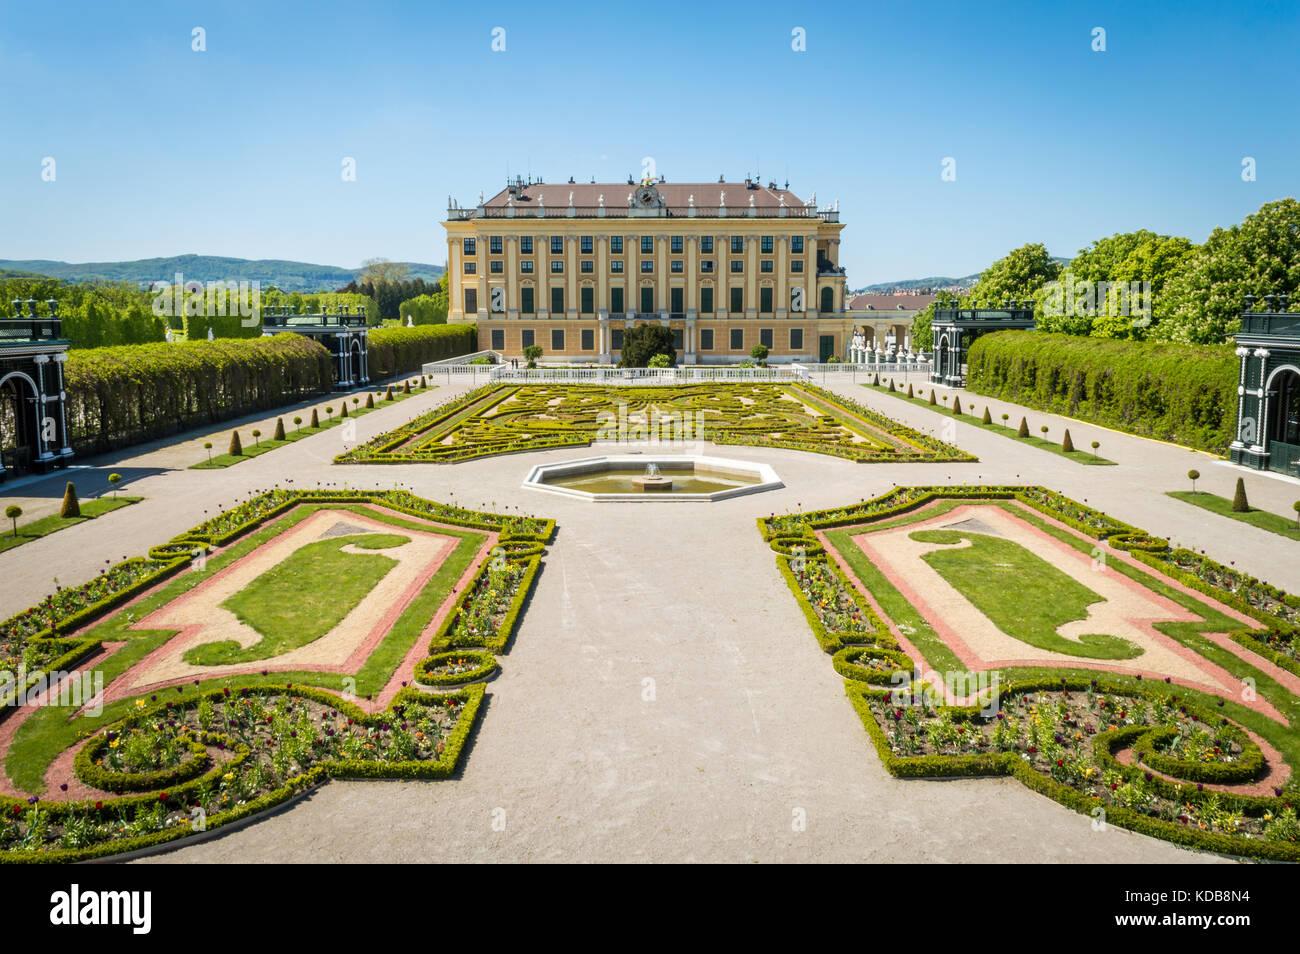 Vista del jardín privado al palacio de Schönbrunn en Austria, Viena. Imagen De Stock